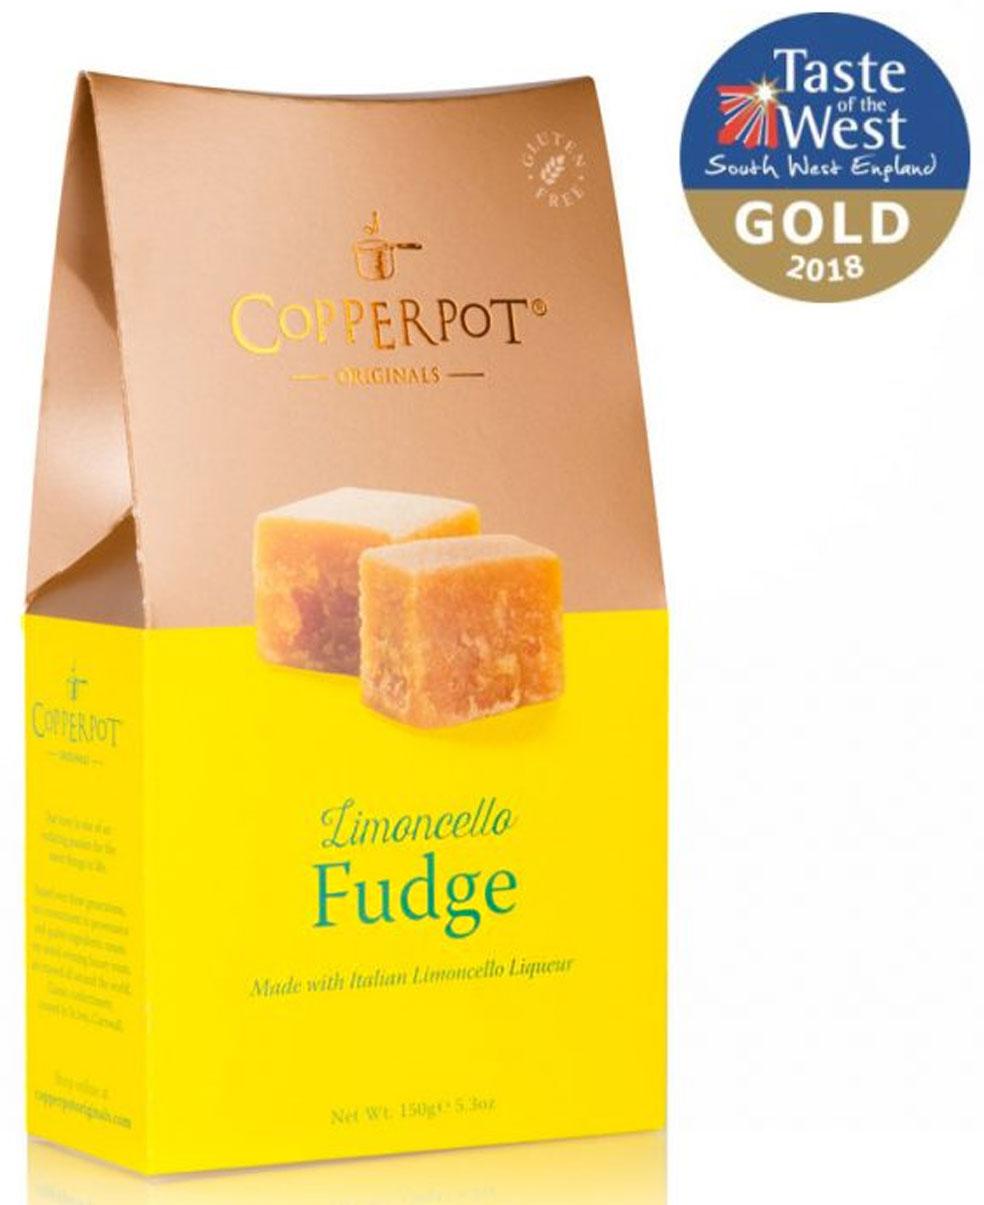 Copperpot Fudge – creamy and rich